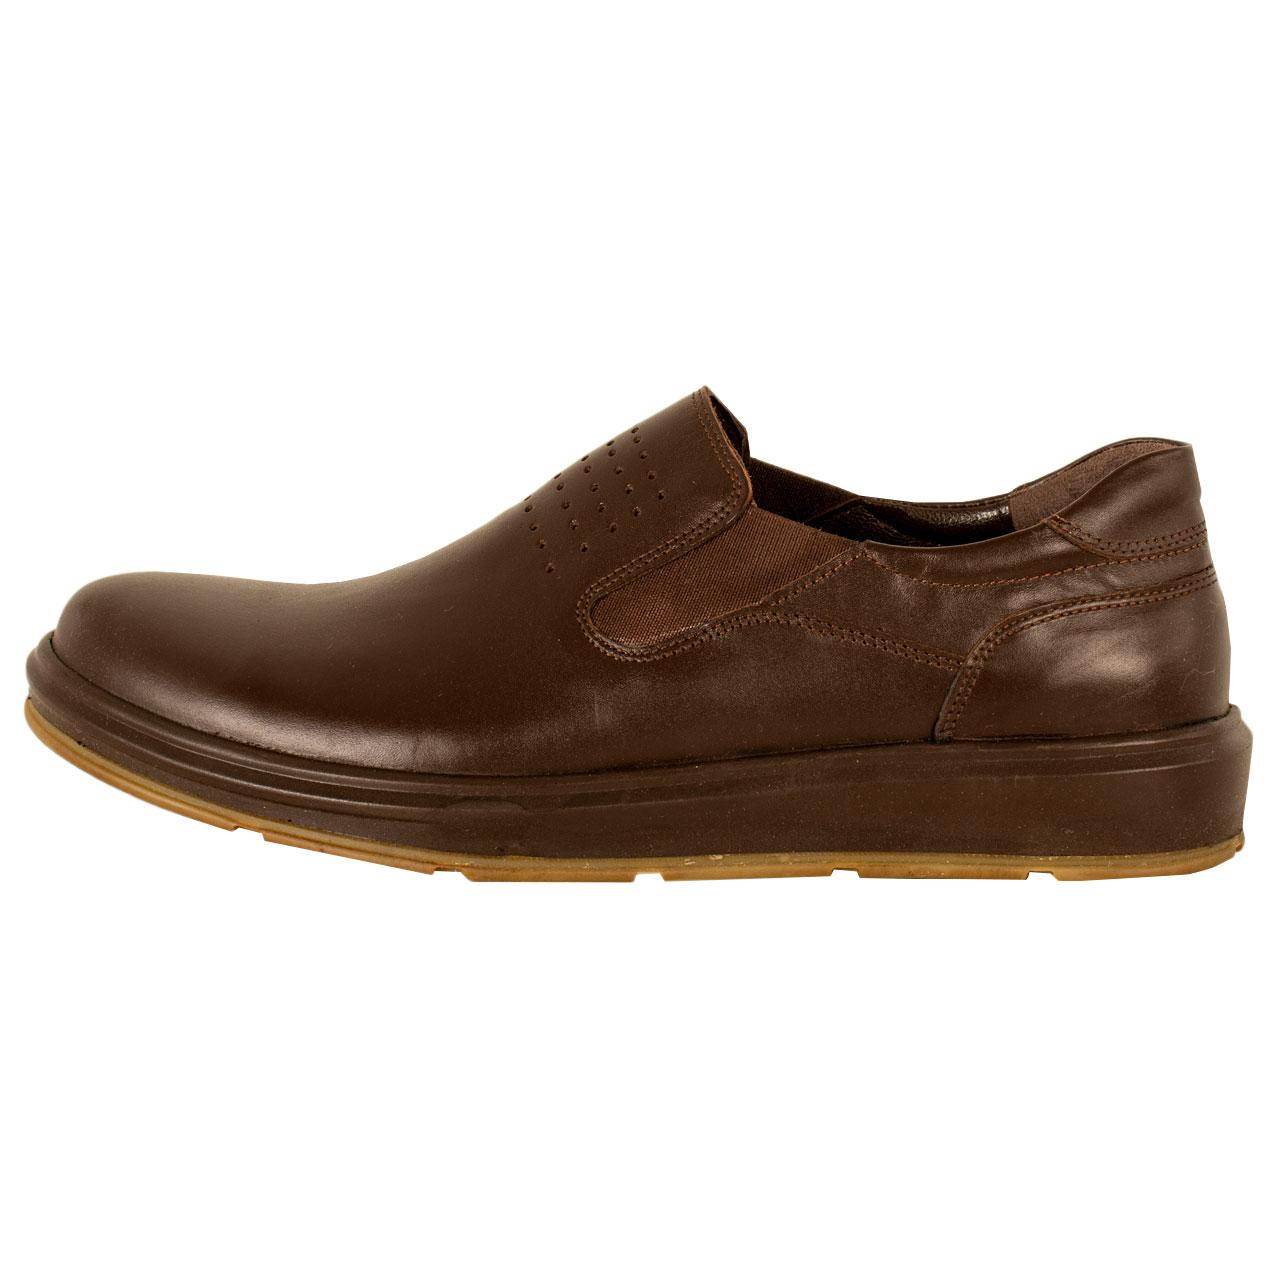 کفش روزمره مردانه پارینه چرم مدل SHO198